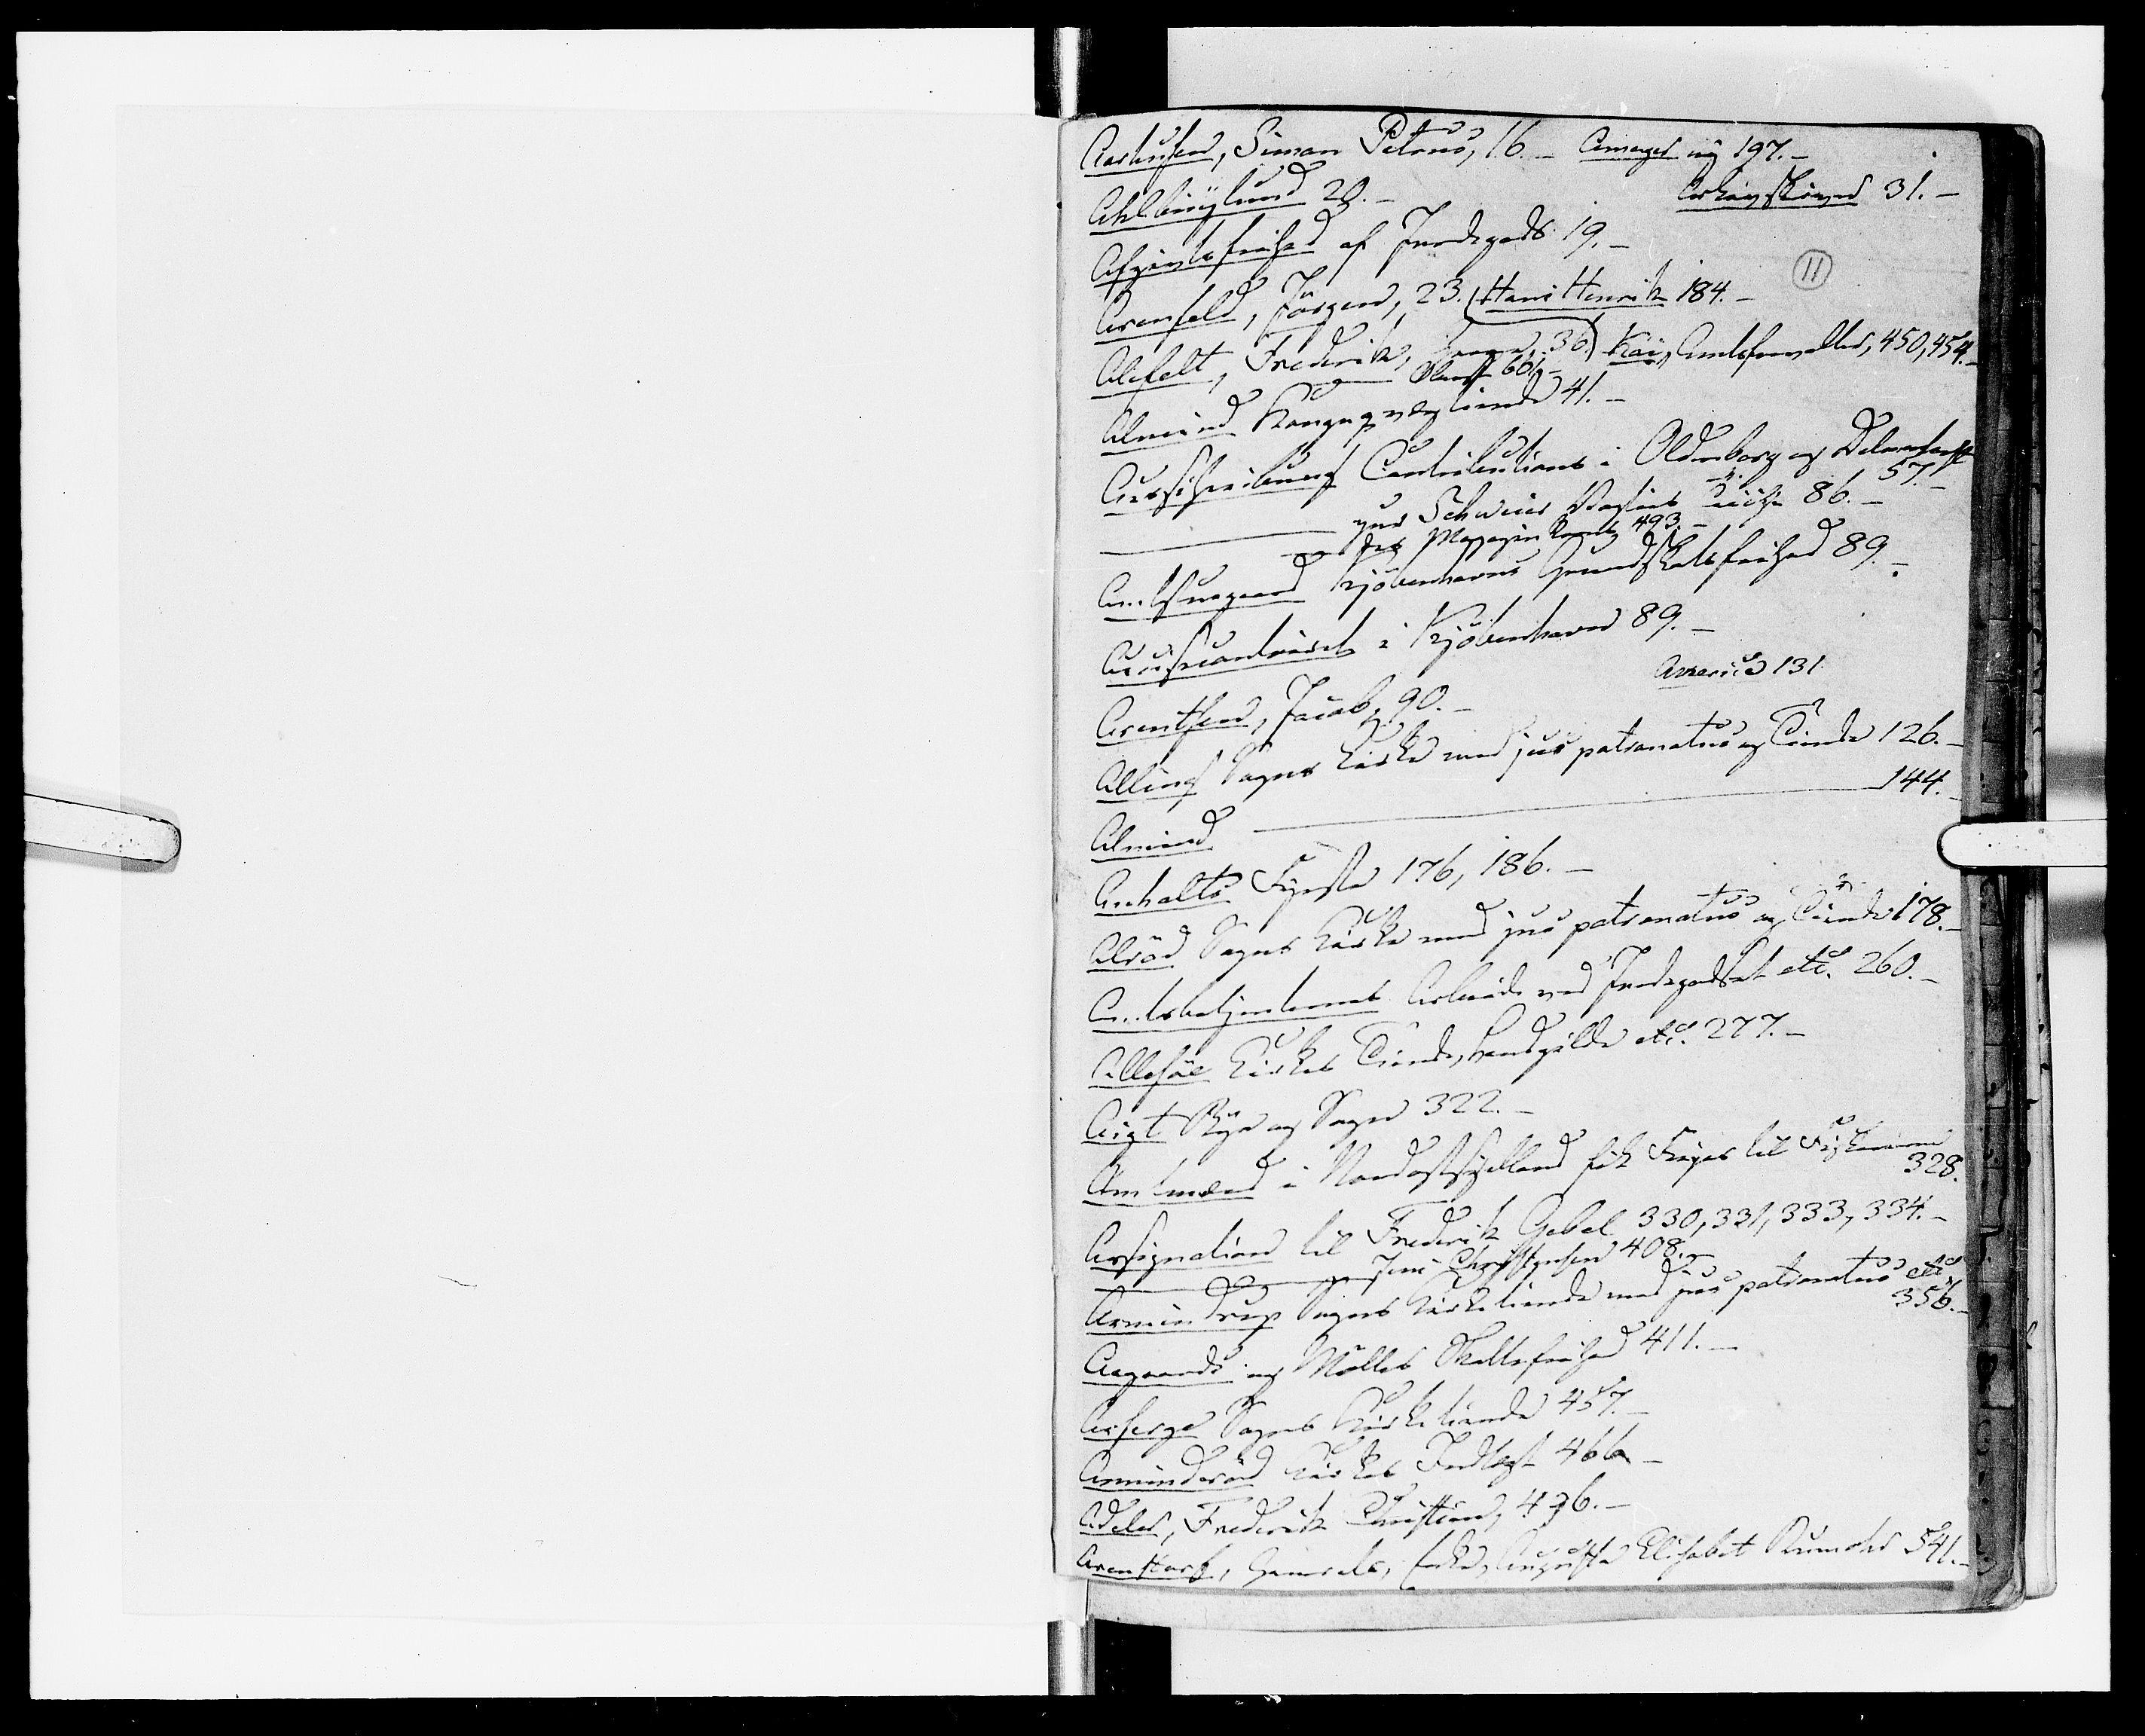 DRA, Rentekammeret Skatkammeret, Danske Sekretariat (1660-1679) / Rentekammeret Danske Afdeling, Kammerkancelliet (1679-1771), -/2212-12: Ekspeditionsprotokol, 1697-1698